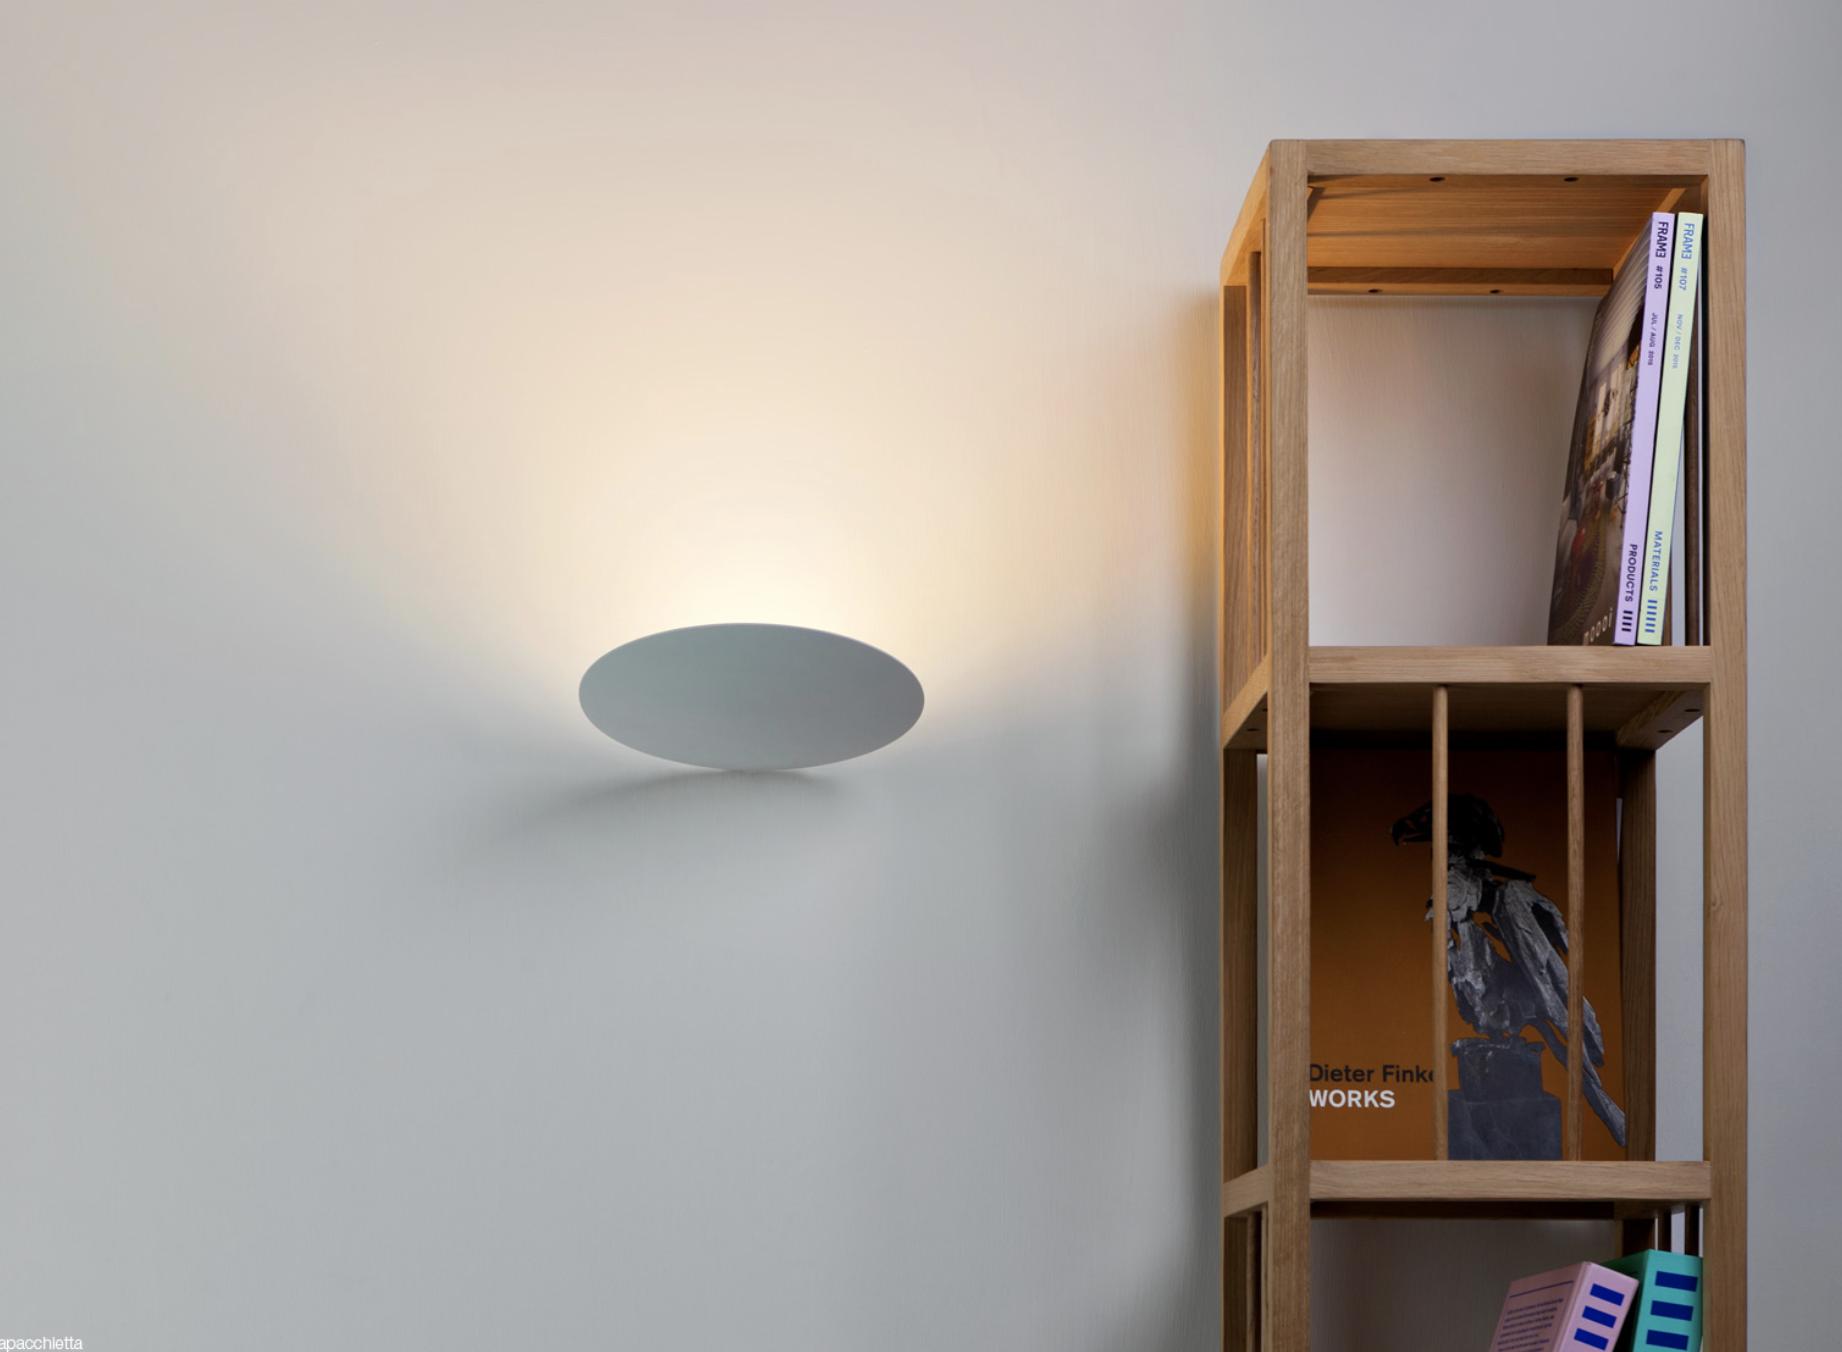 Lederam WF Wall Lamp